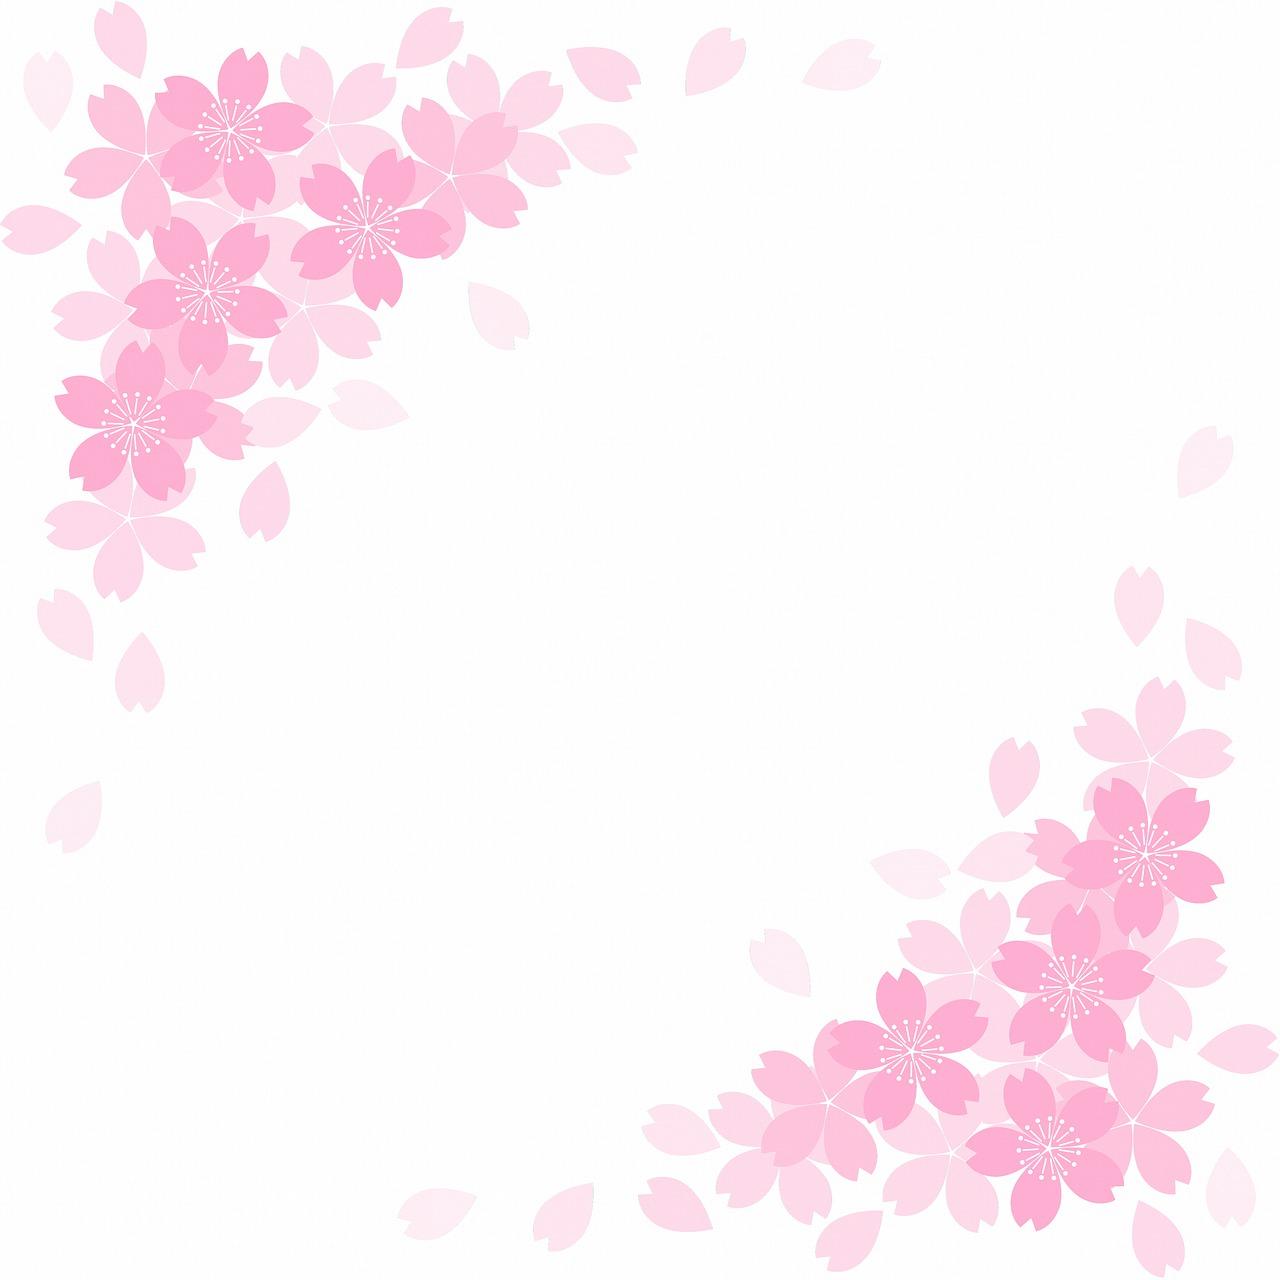 Japanese Background Free Image On Pixabay